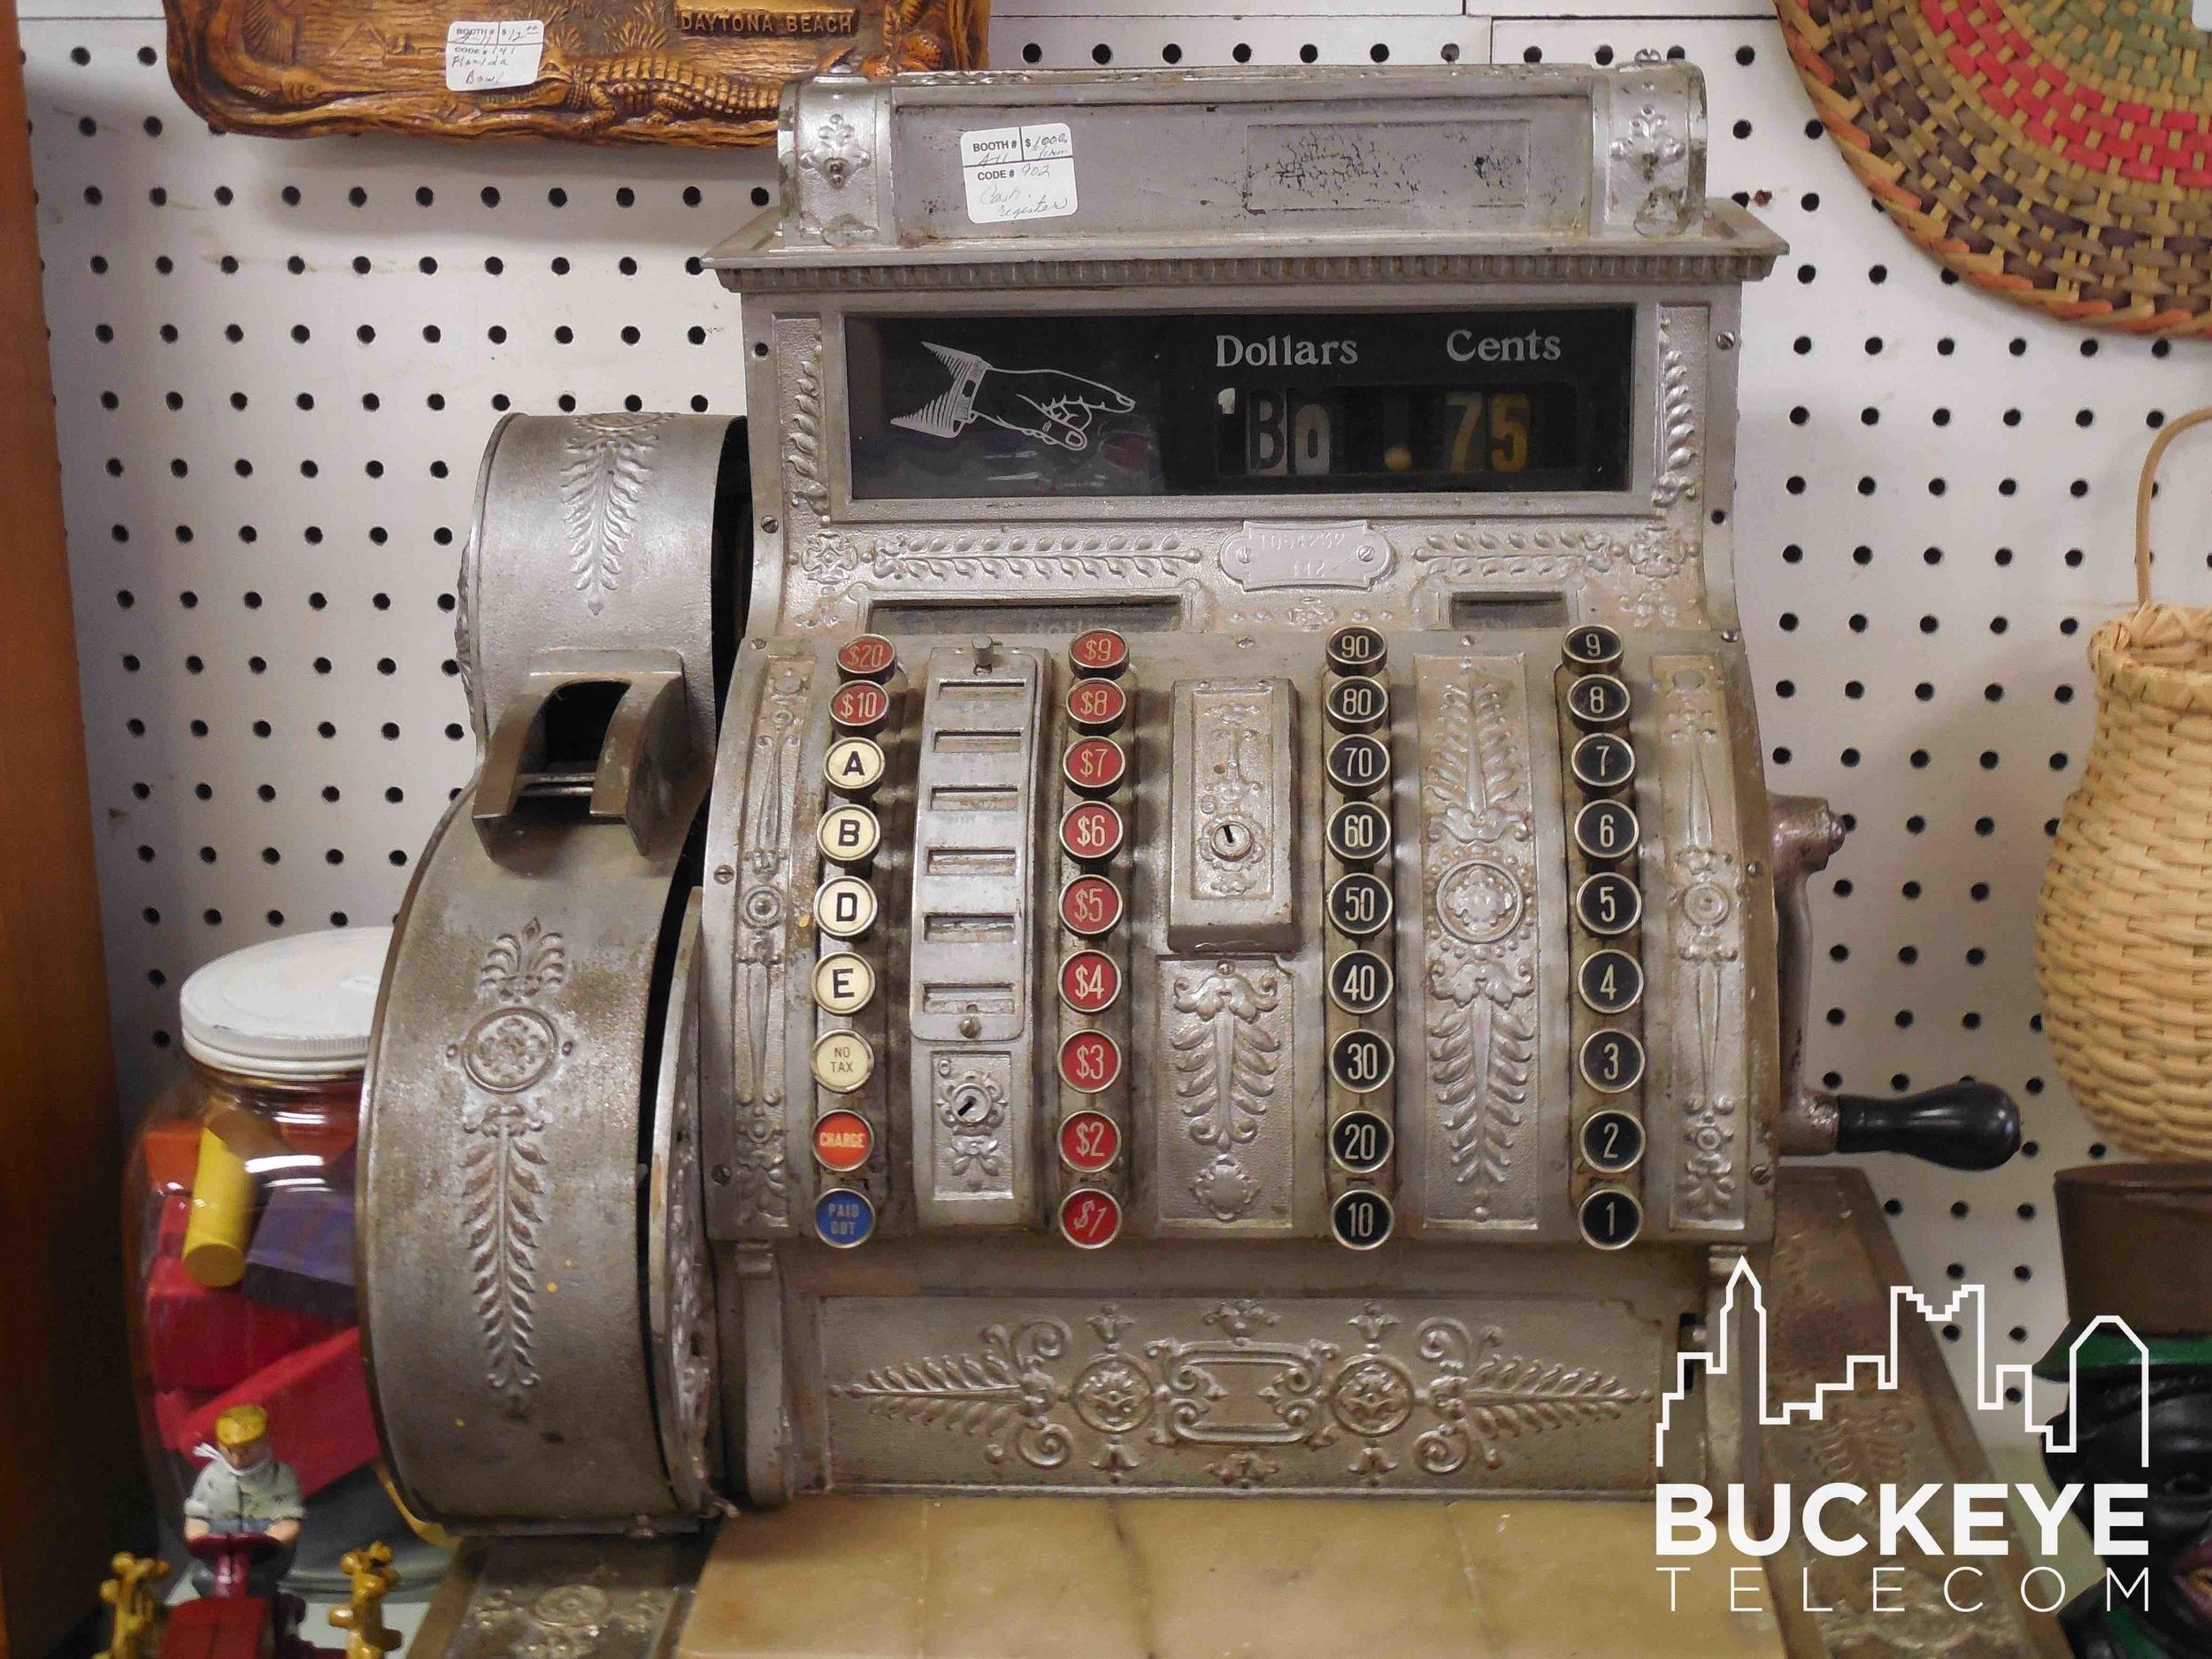 Buckeye-Telecom-CR.jpg